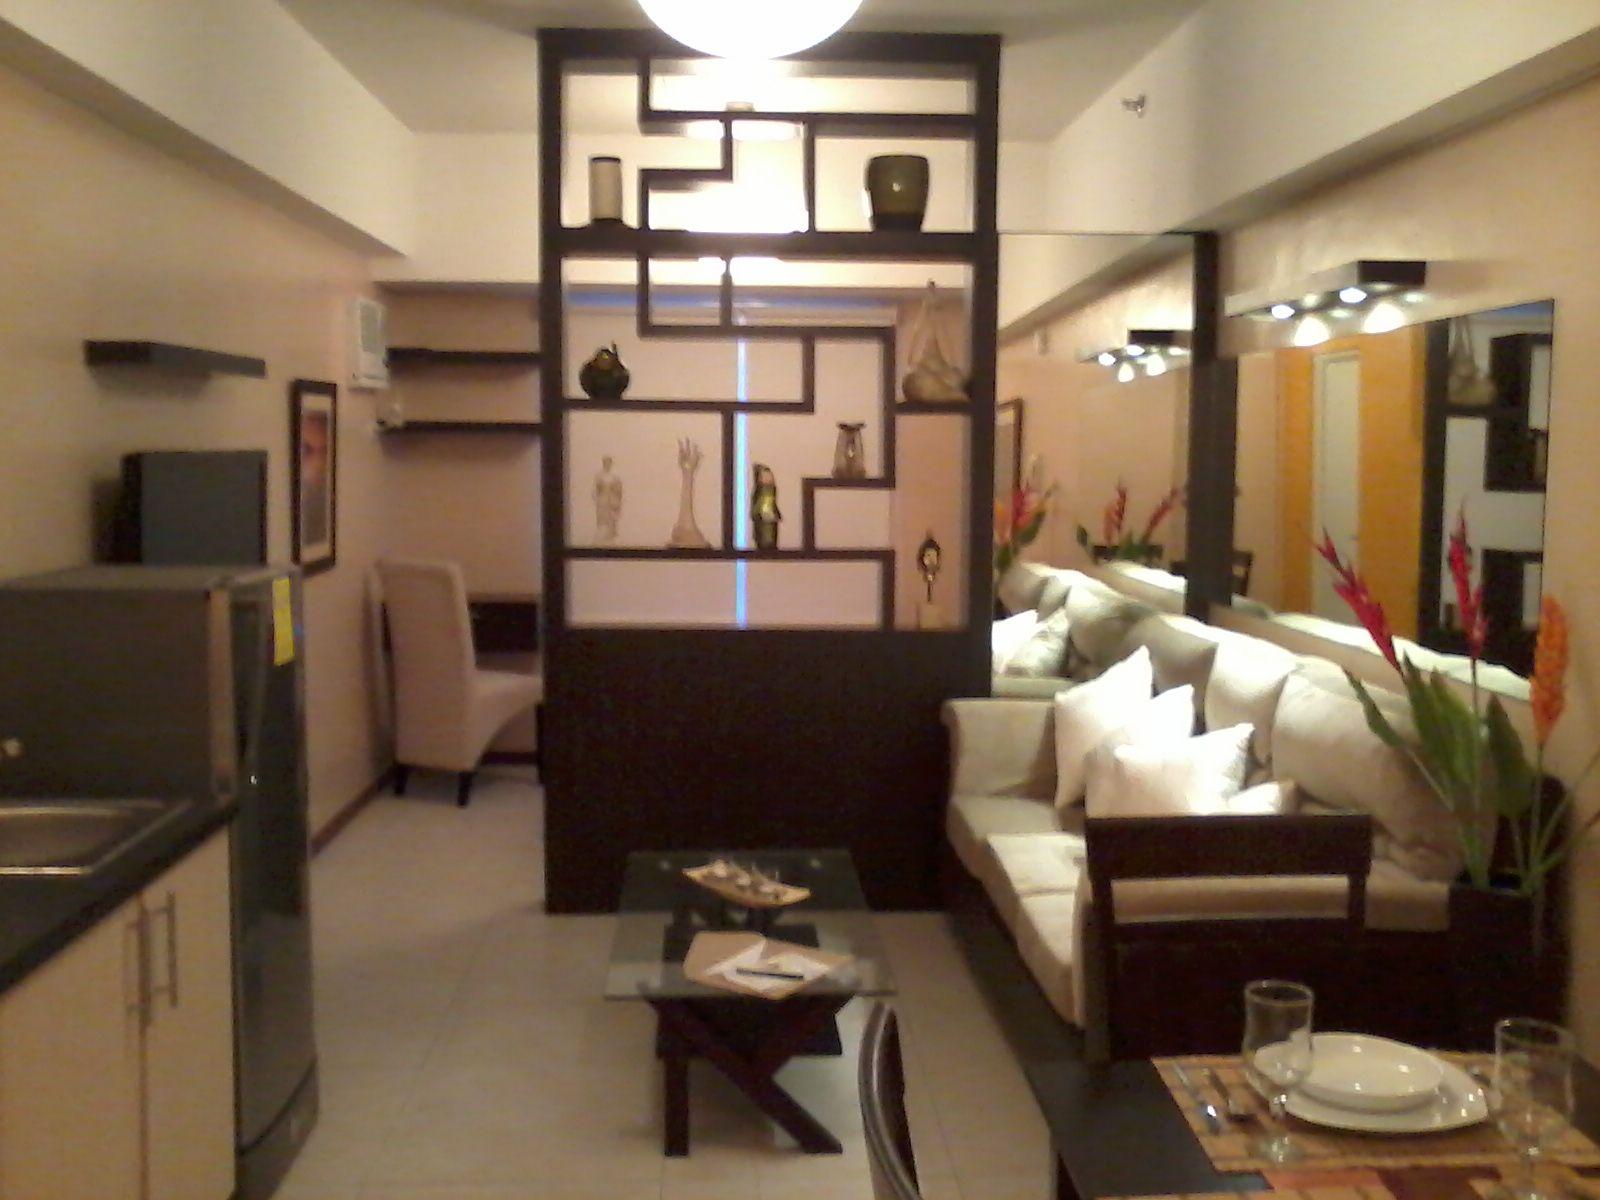 Modern Interior Design Philippines Favorite Small Condo ...